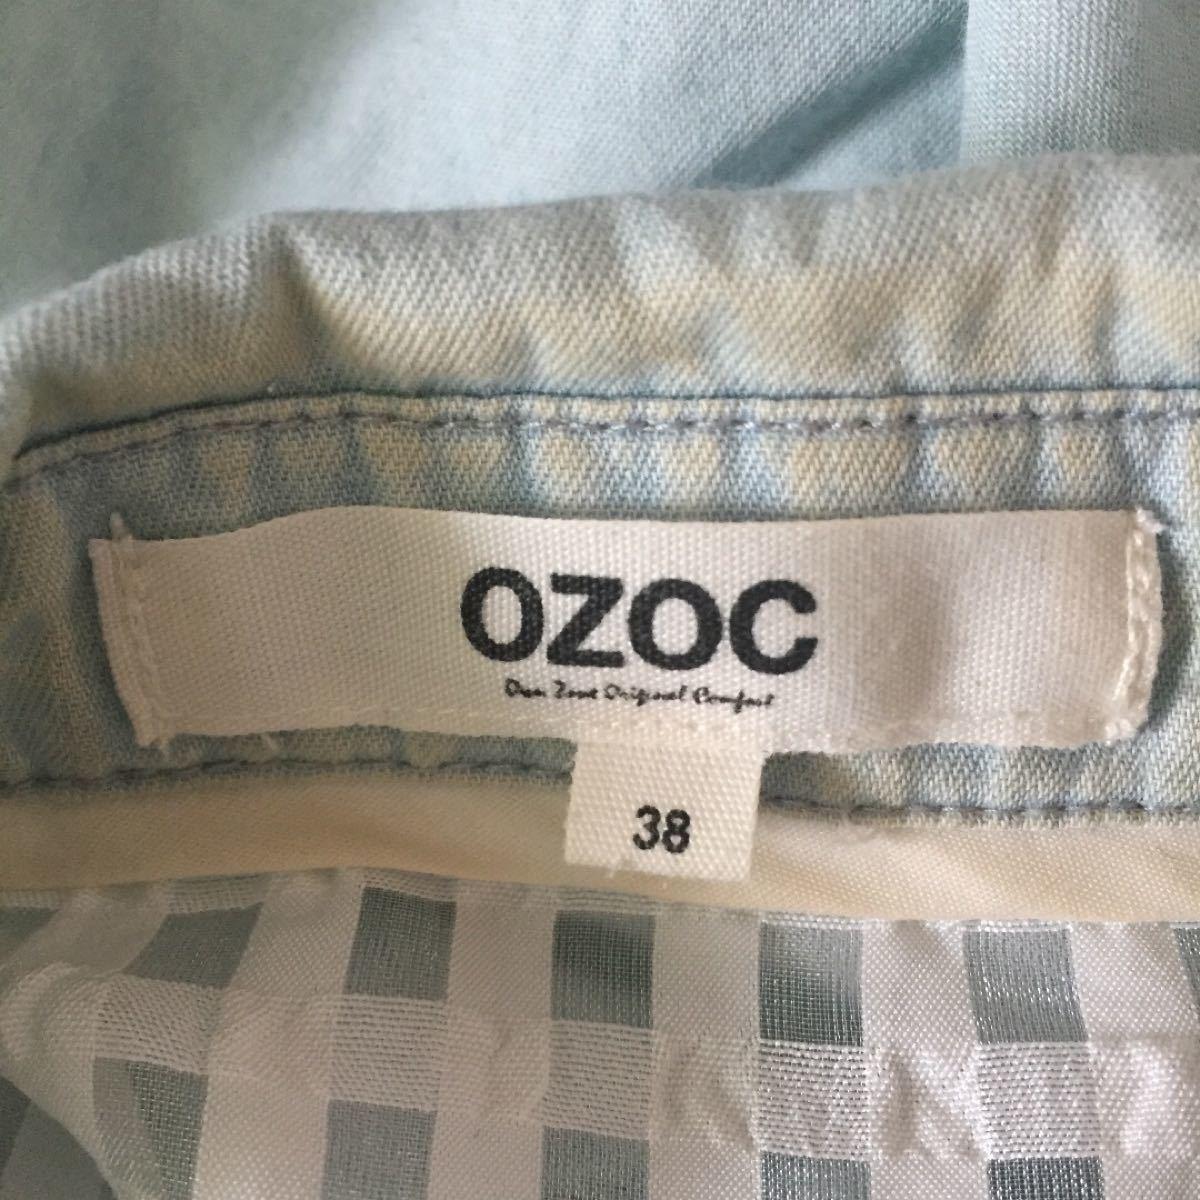 半袖シャツ デニムシャツ  OZOC  38